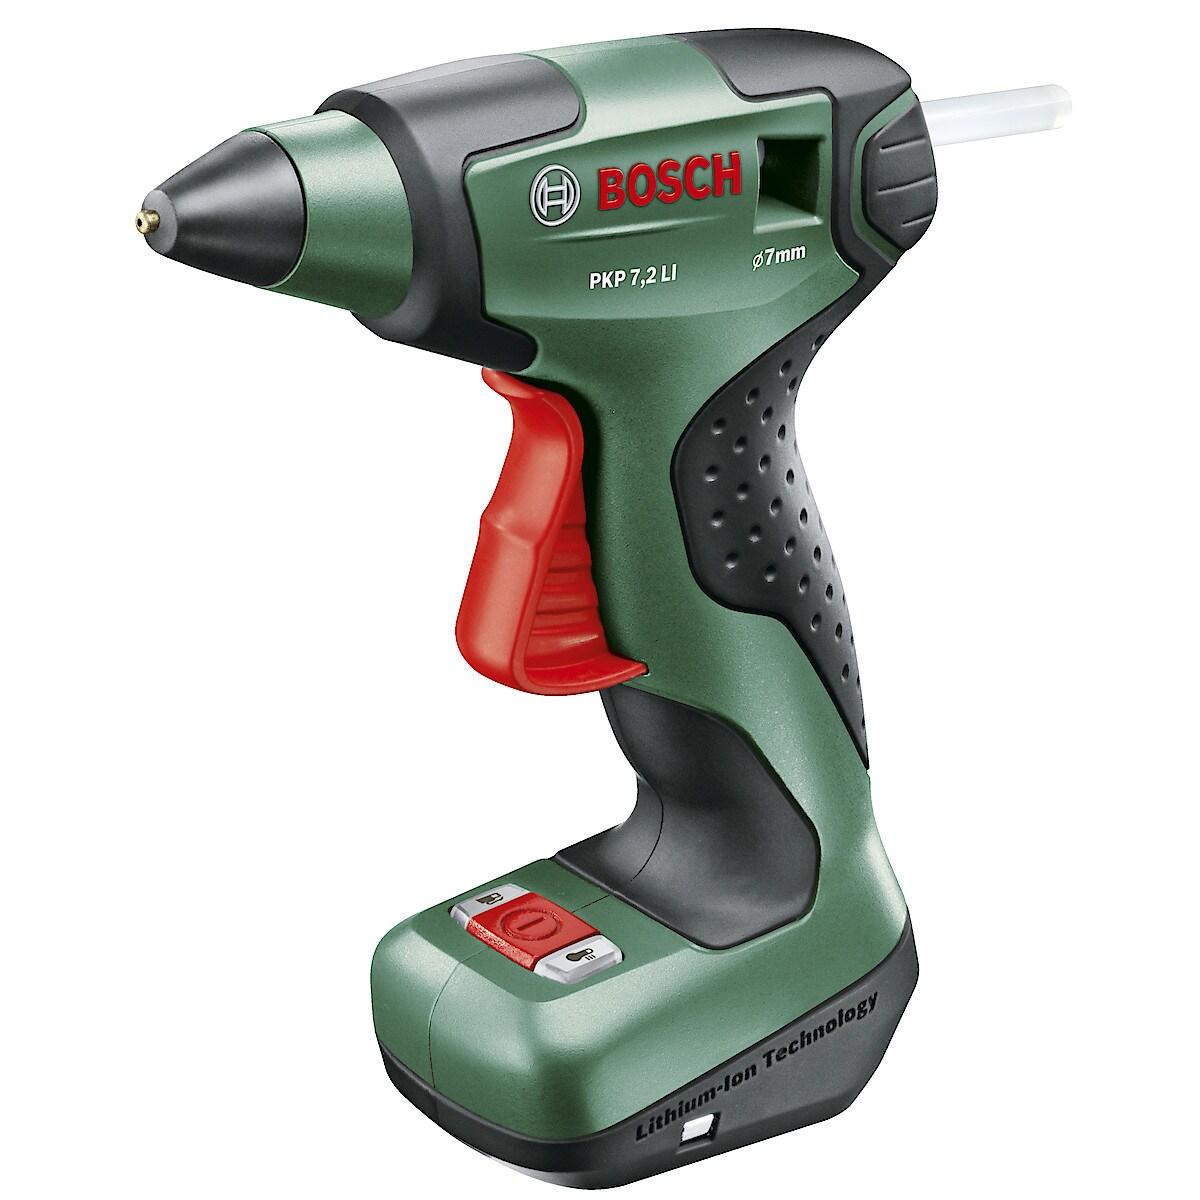 Bosch PKP 7,2 V LI limpistol